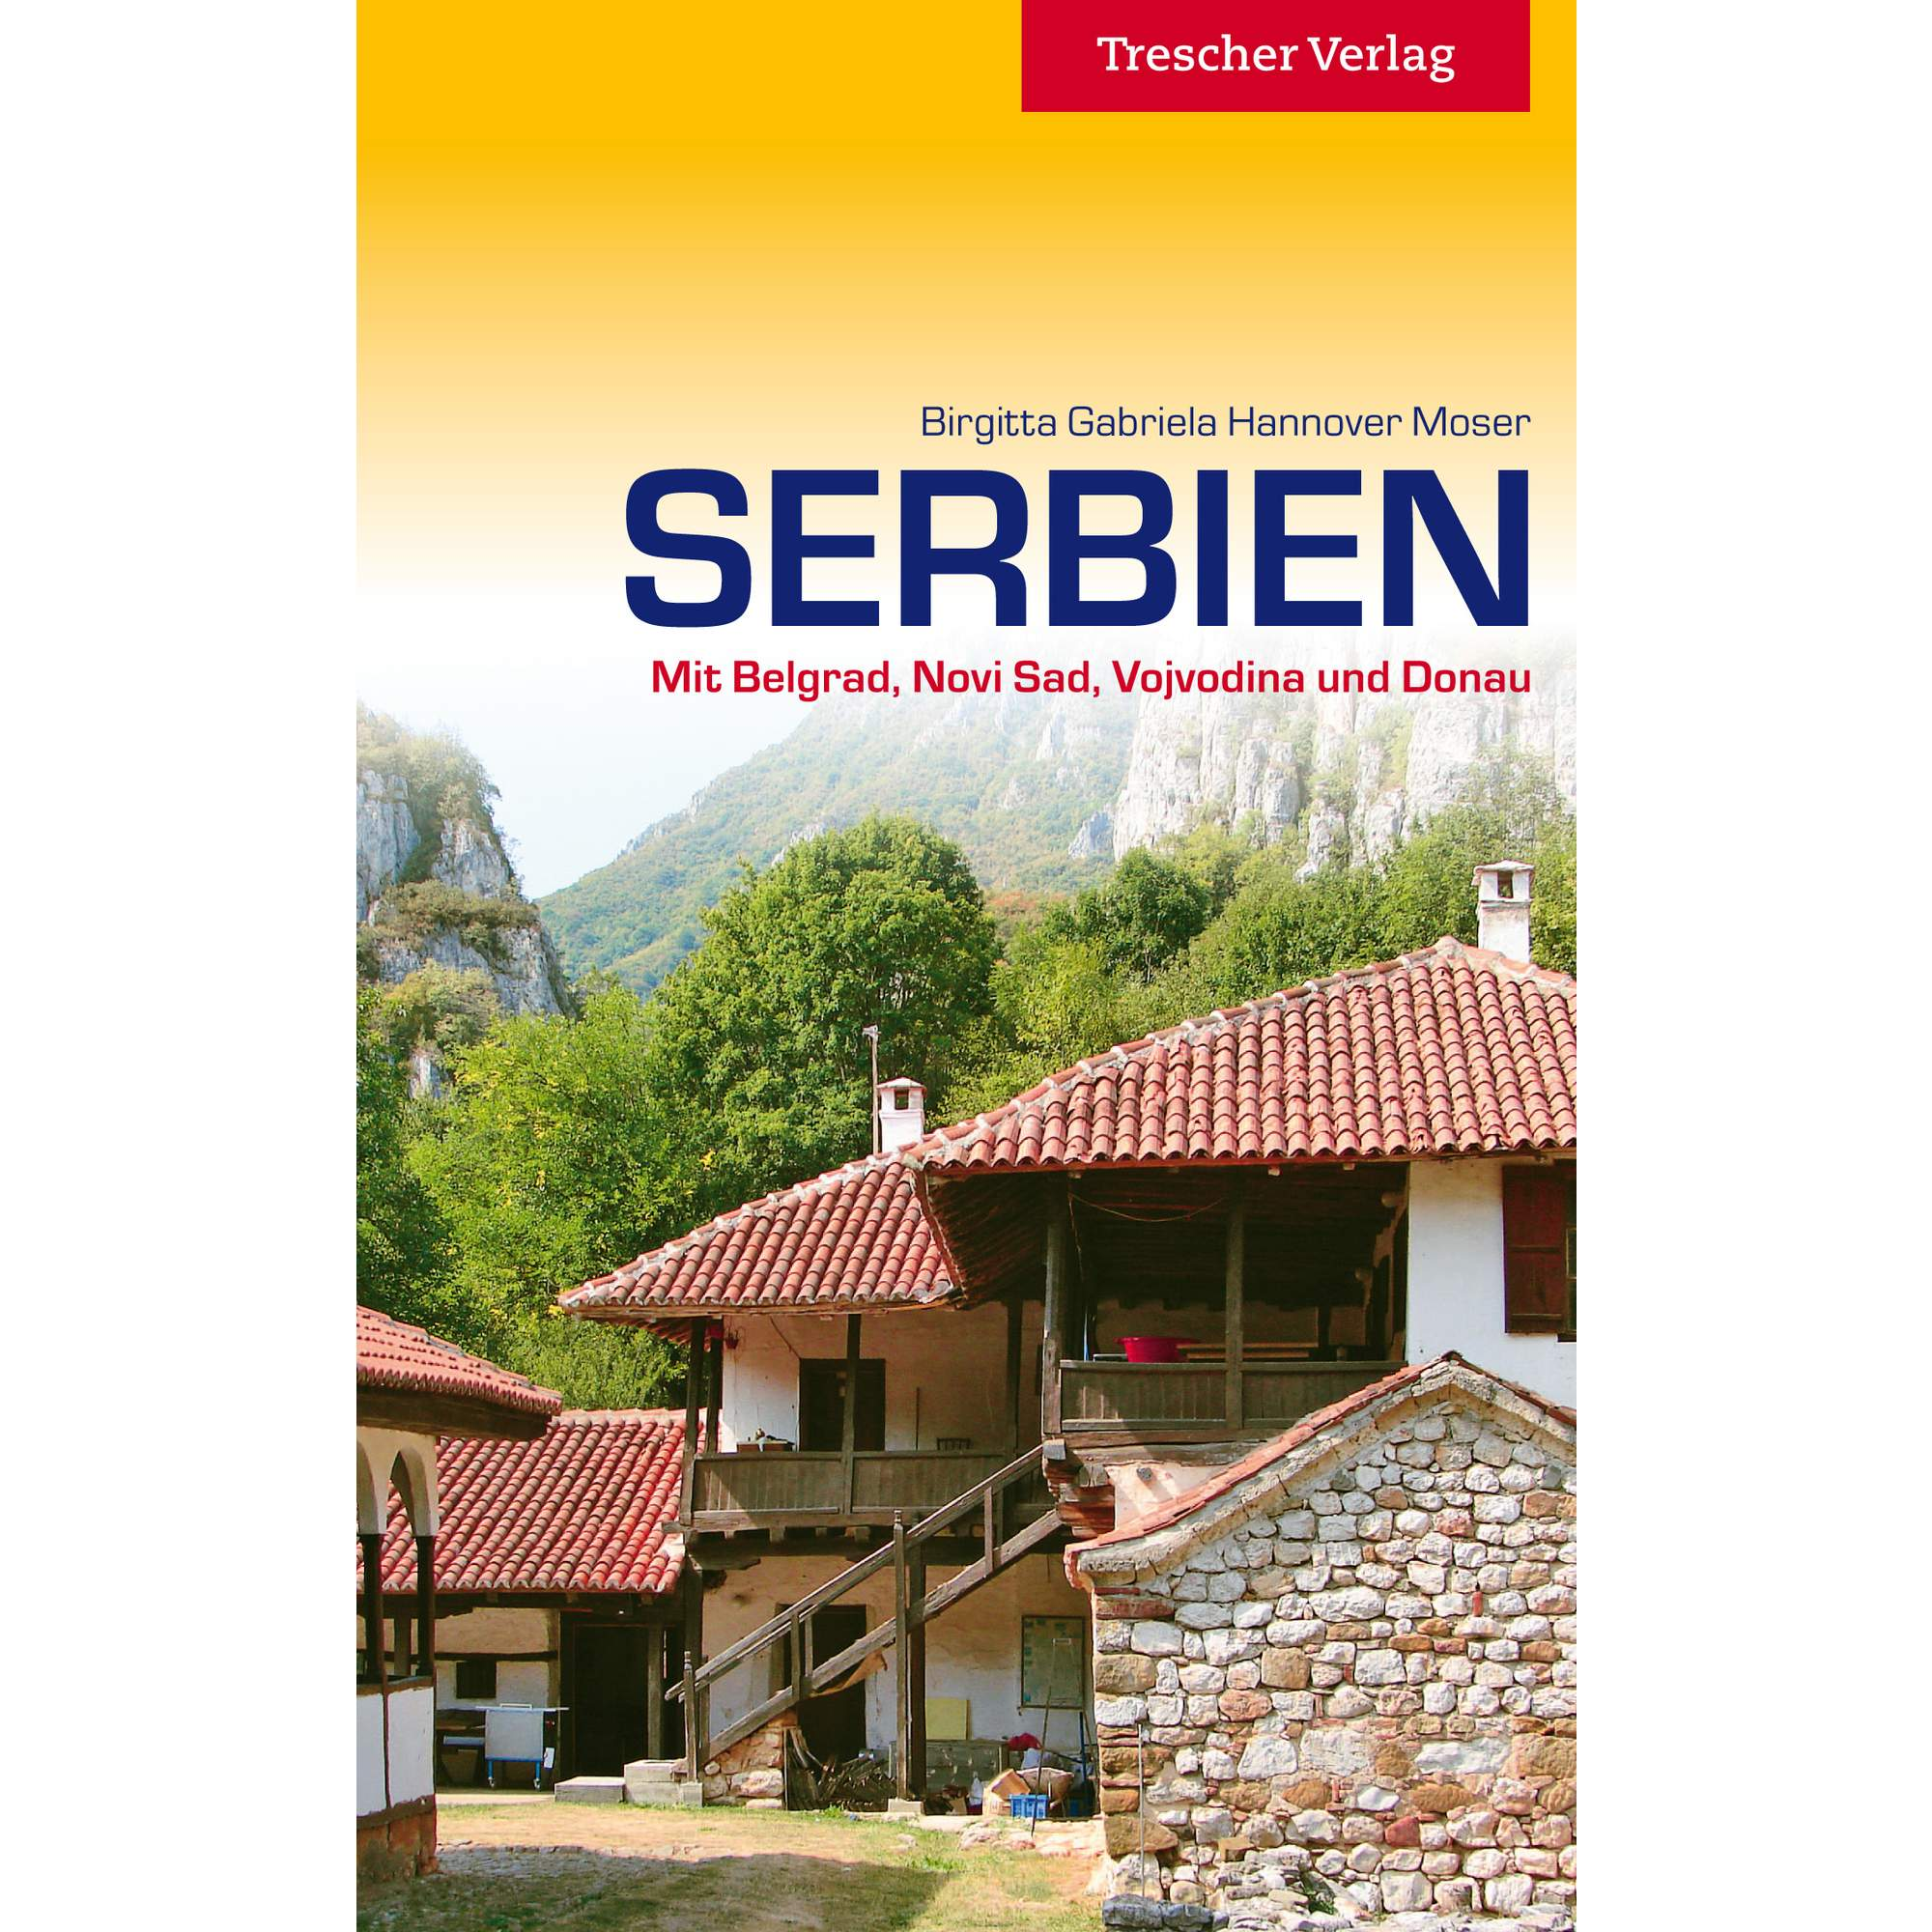 Reiseführer - TRESCHER SERBIEN - 4. Auflage 2017 - Serbien